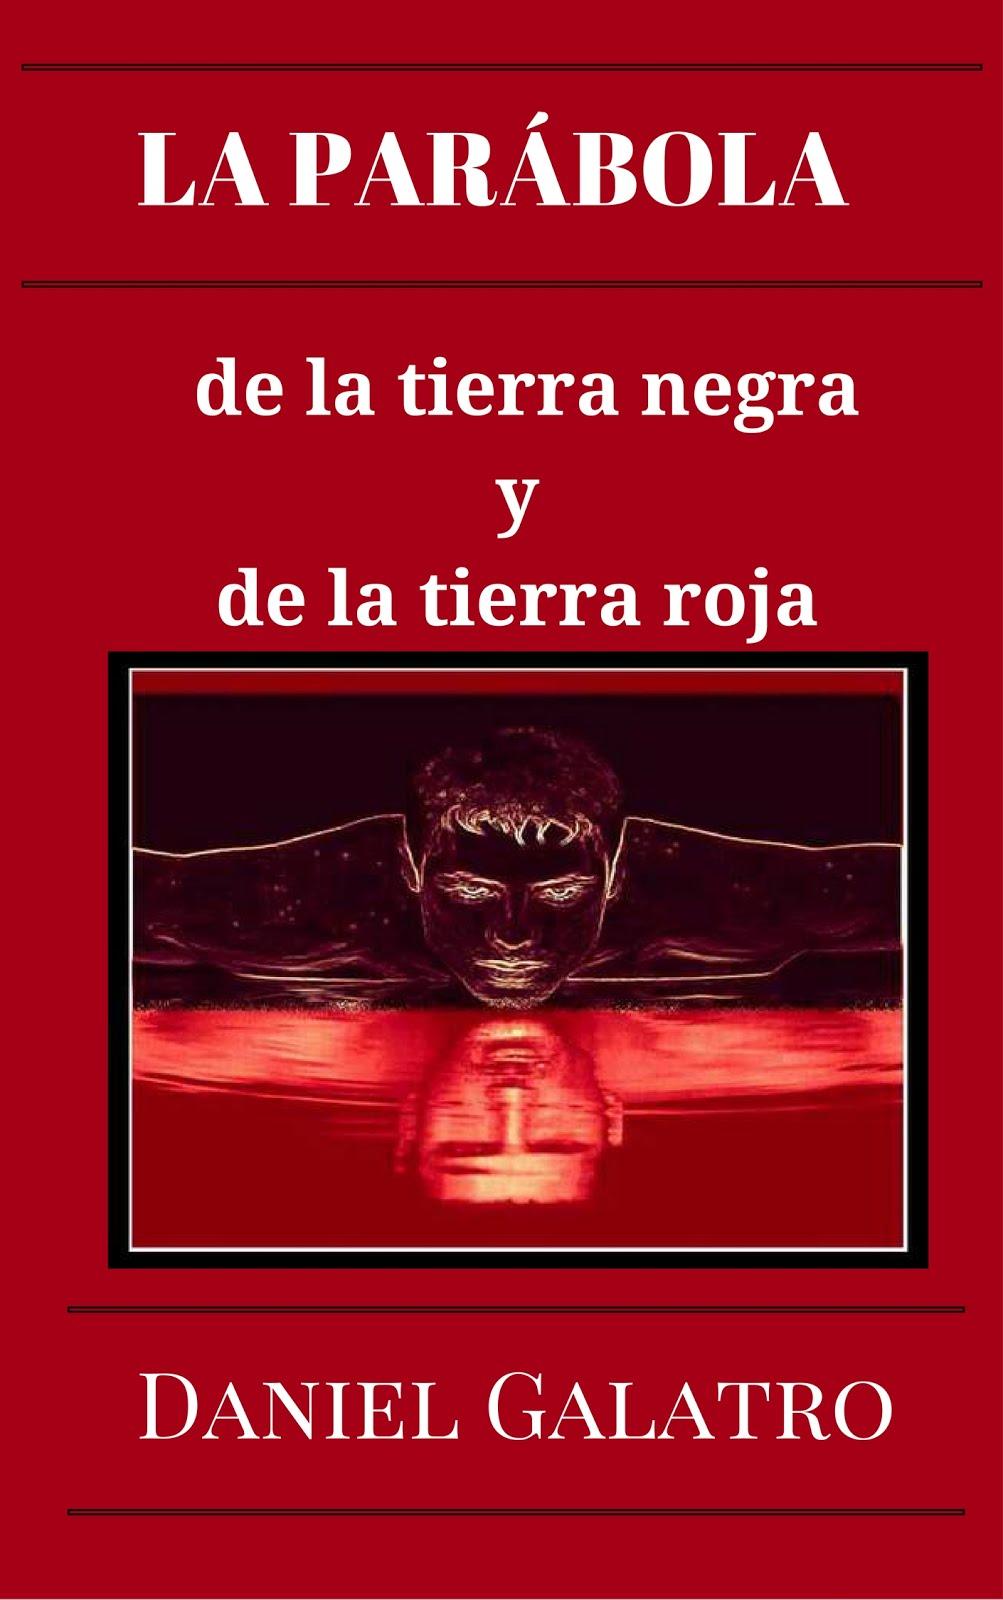 La parábola de la tierra negra y la tierra roja